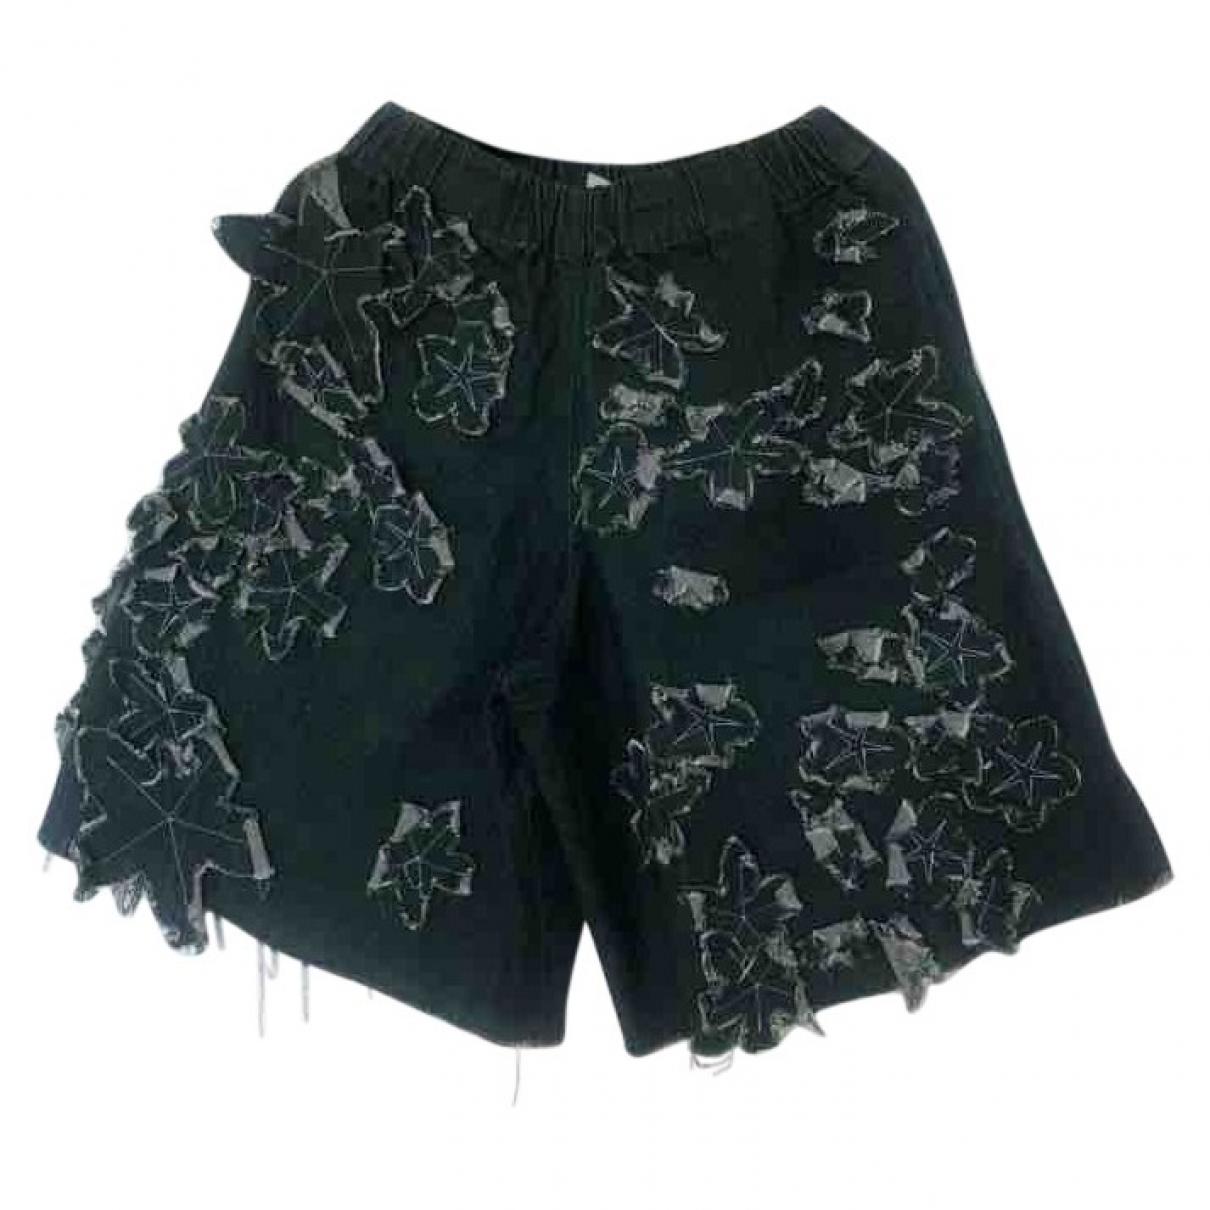 Marques Almeida \N Shorts in  Gruen Denim - Jeans